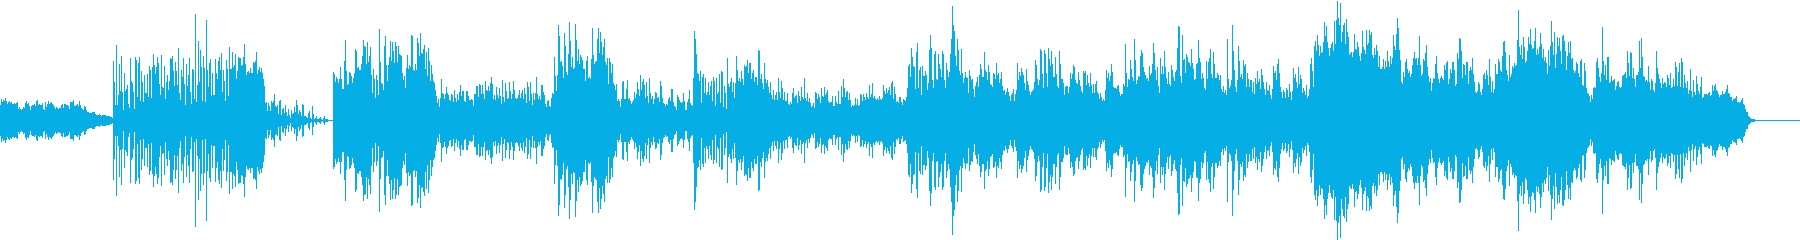 絵本のようなピアノとストリングスの再生済みの波形